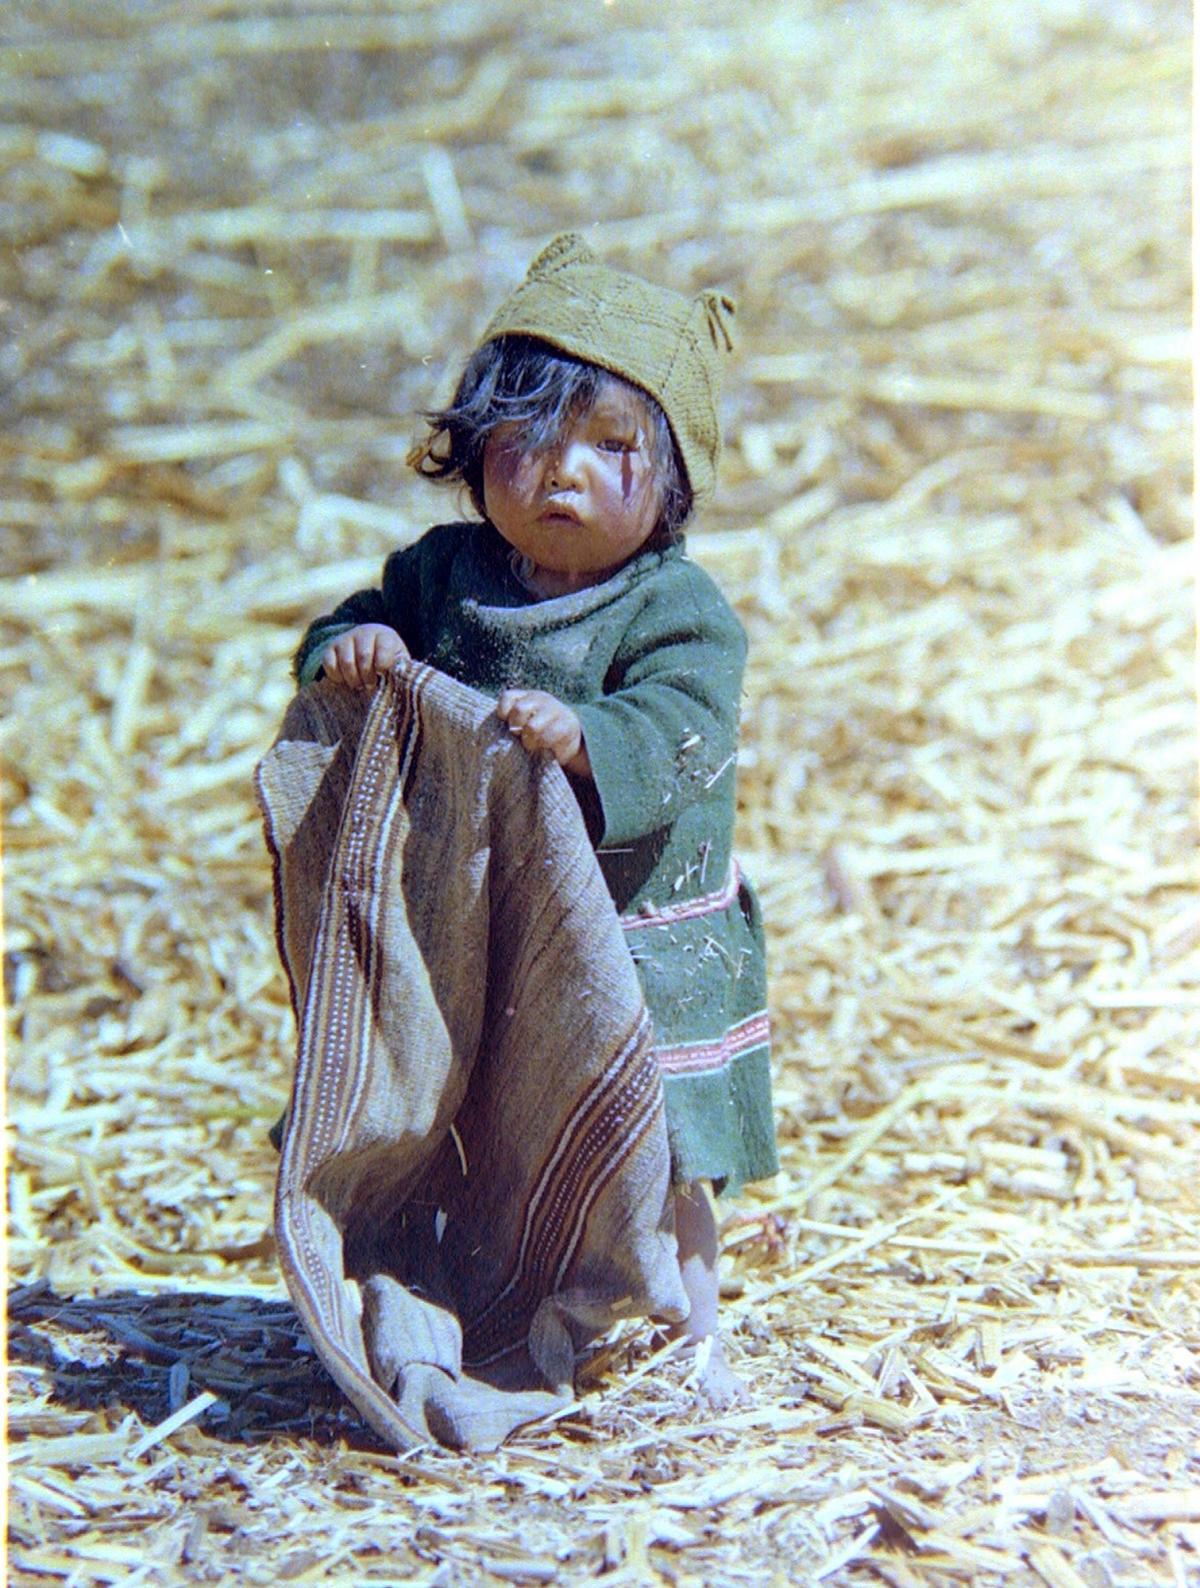 Child floating indigenous island #70365